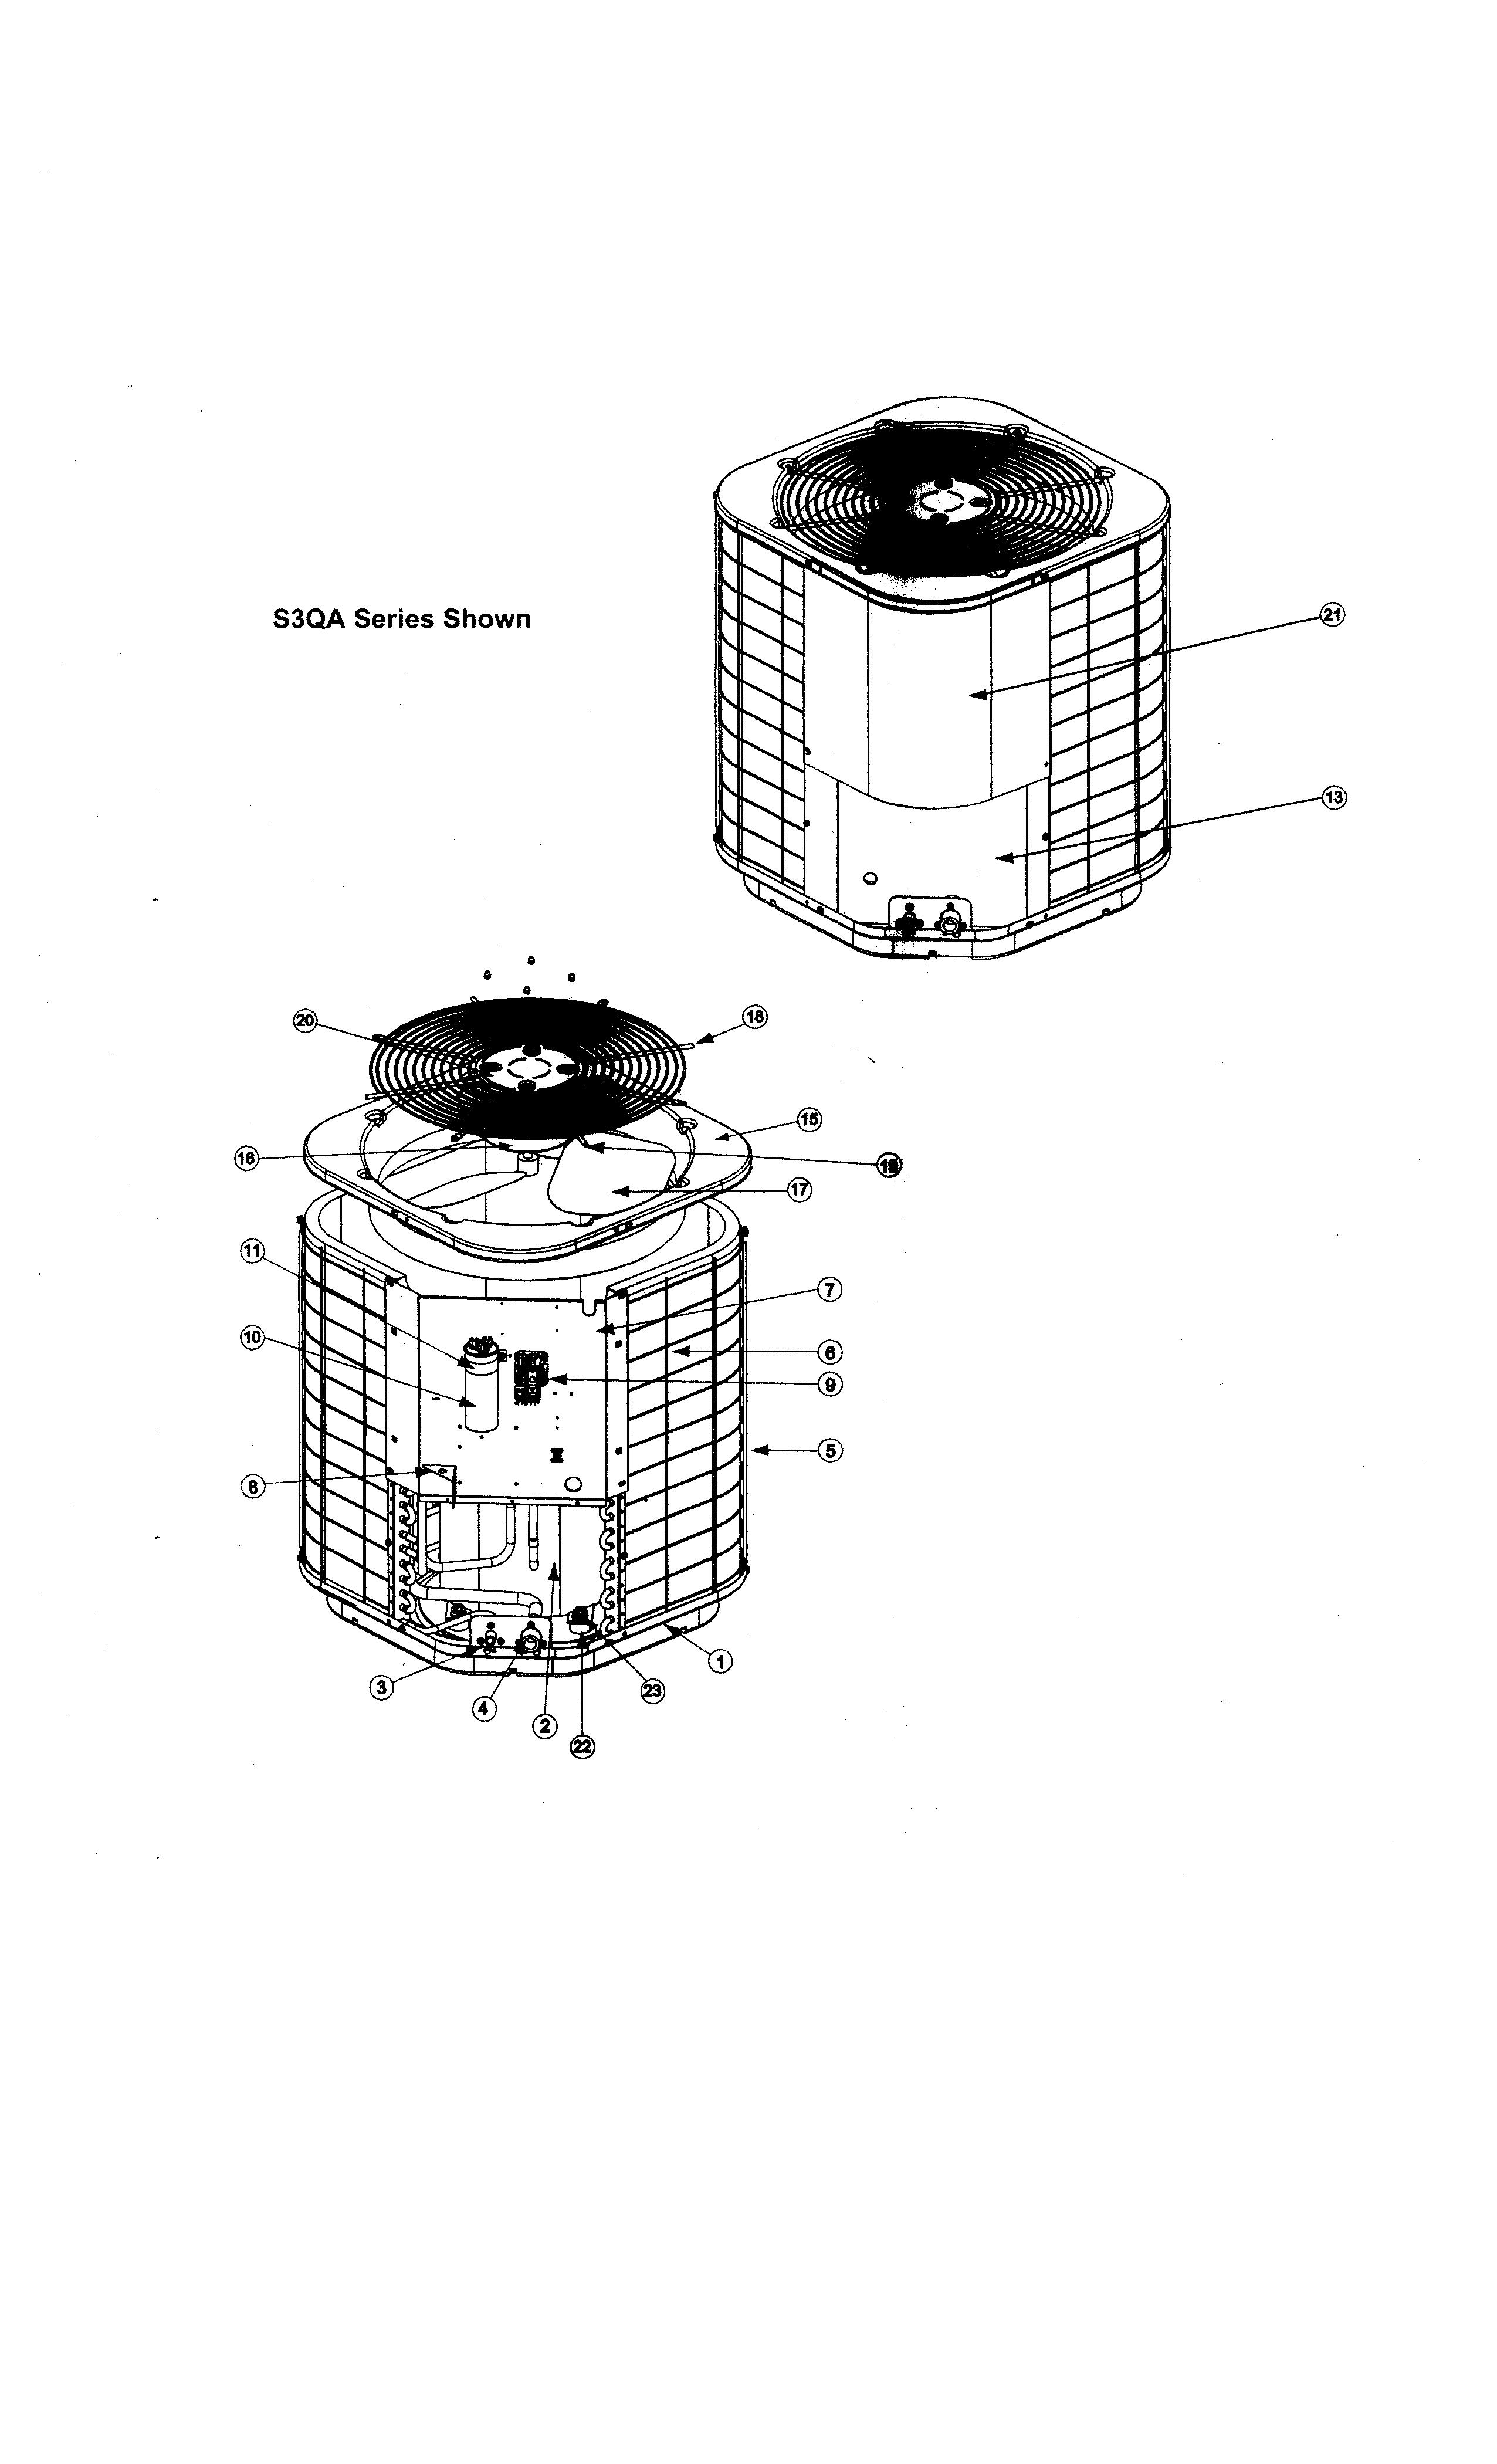 Wiring Diagram Modal Fs5bd 018ka